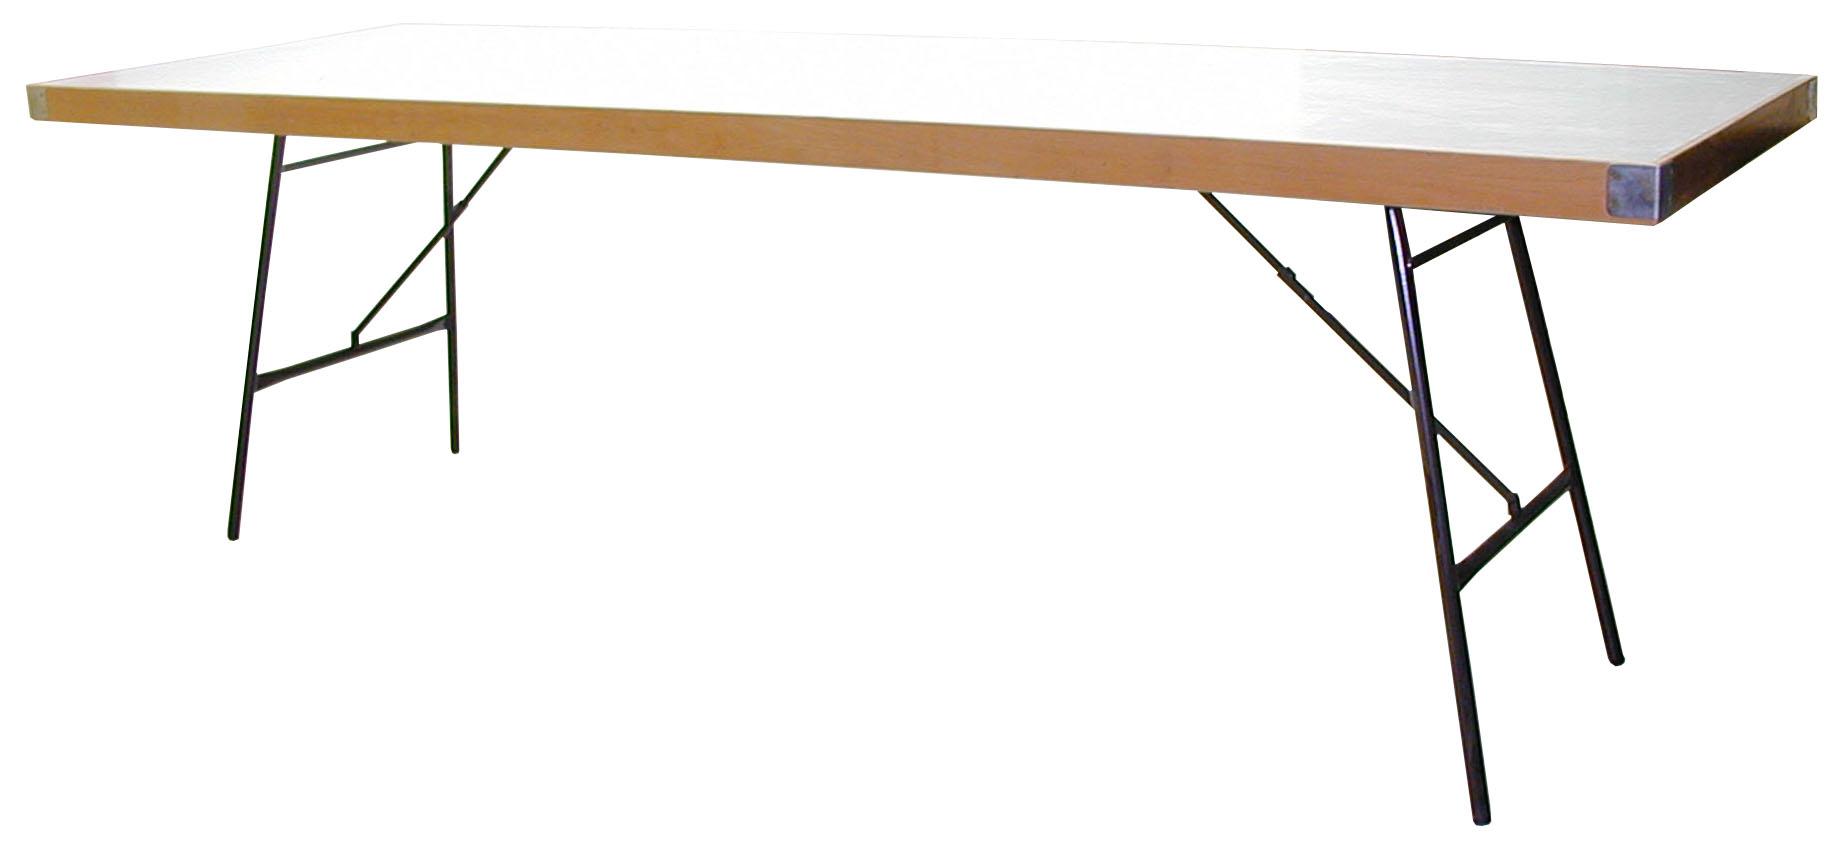 Mesa plegable madera patas abatibles banquetes 200x80 - Patas metalicas para mesas ...